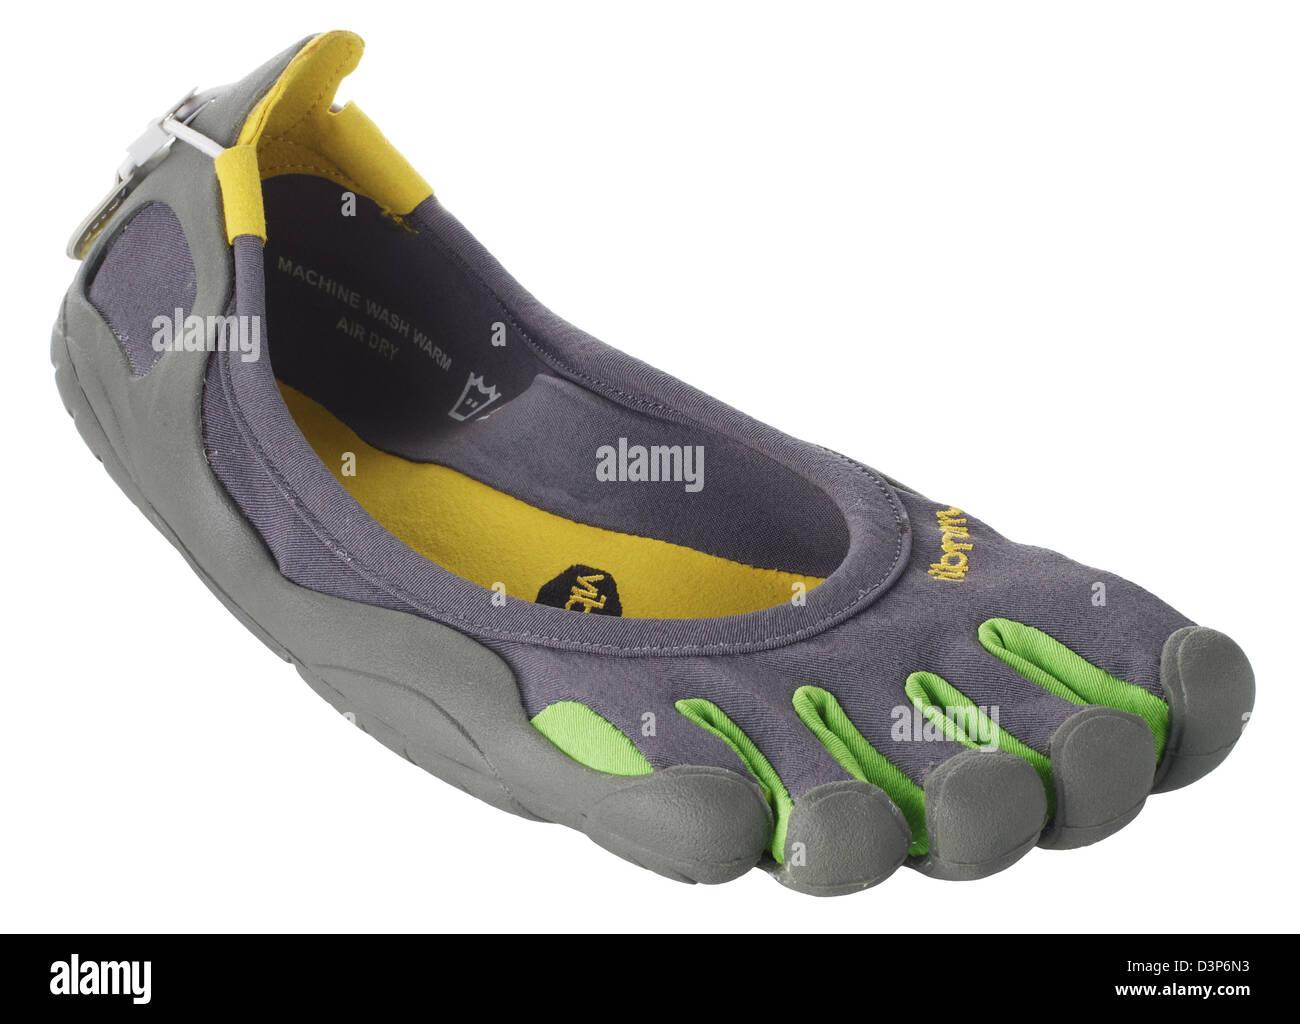 Vibram cinco dedos descalzos calzado deportivo ligero Imagen De Stock